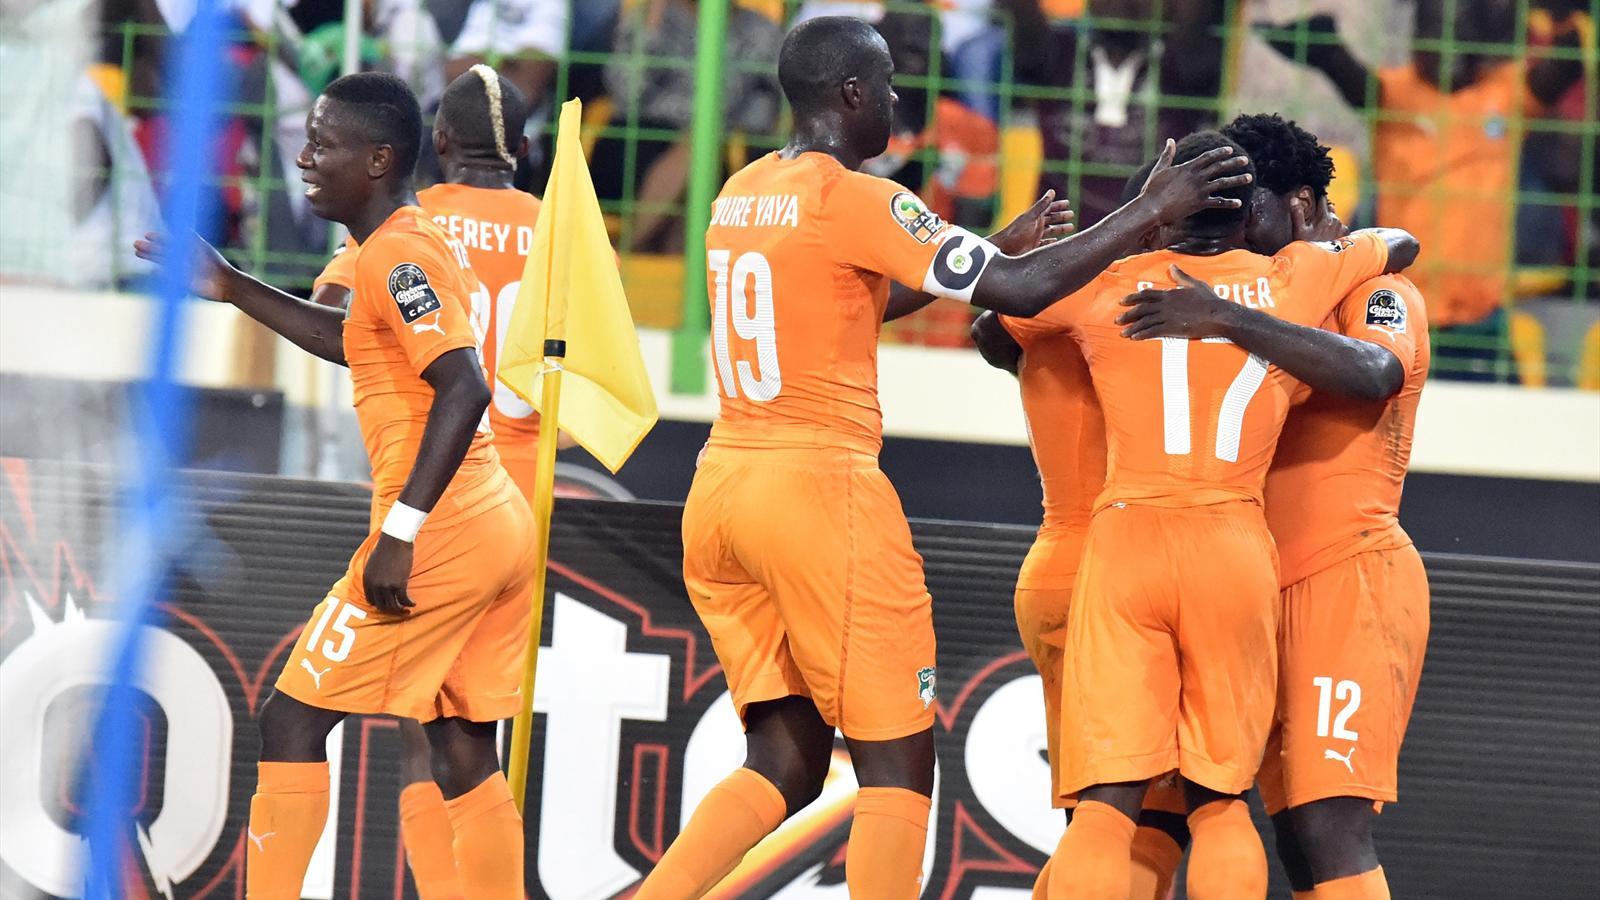 En direct live c te d 39 ivoire ghana coupe d 39 afrique des nations 8 f vrier 2015 eurosport - Regarder coupe d afrique en direct ...